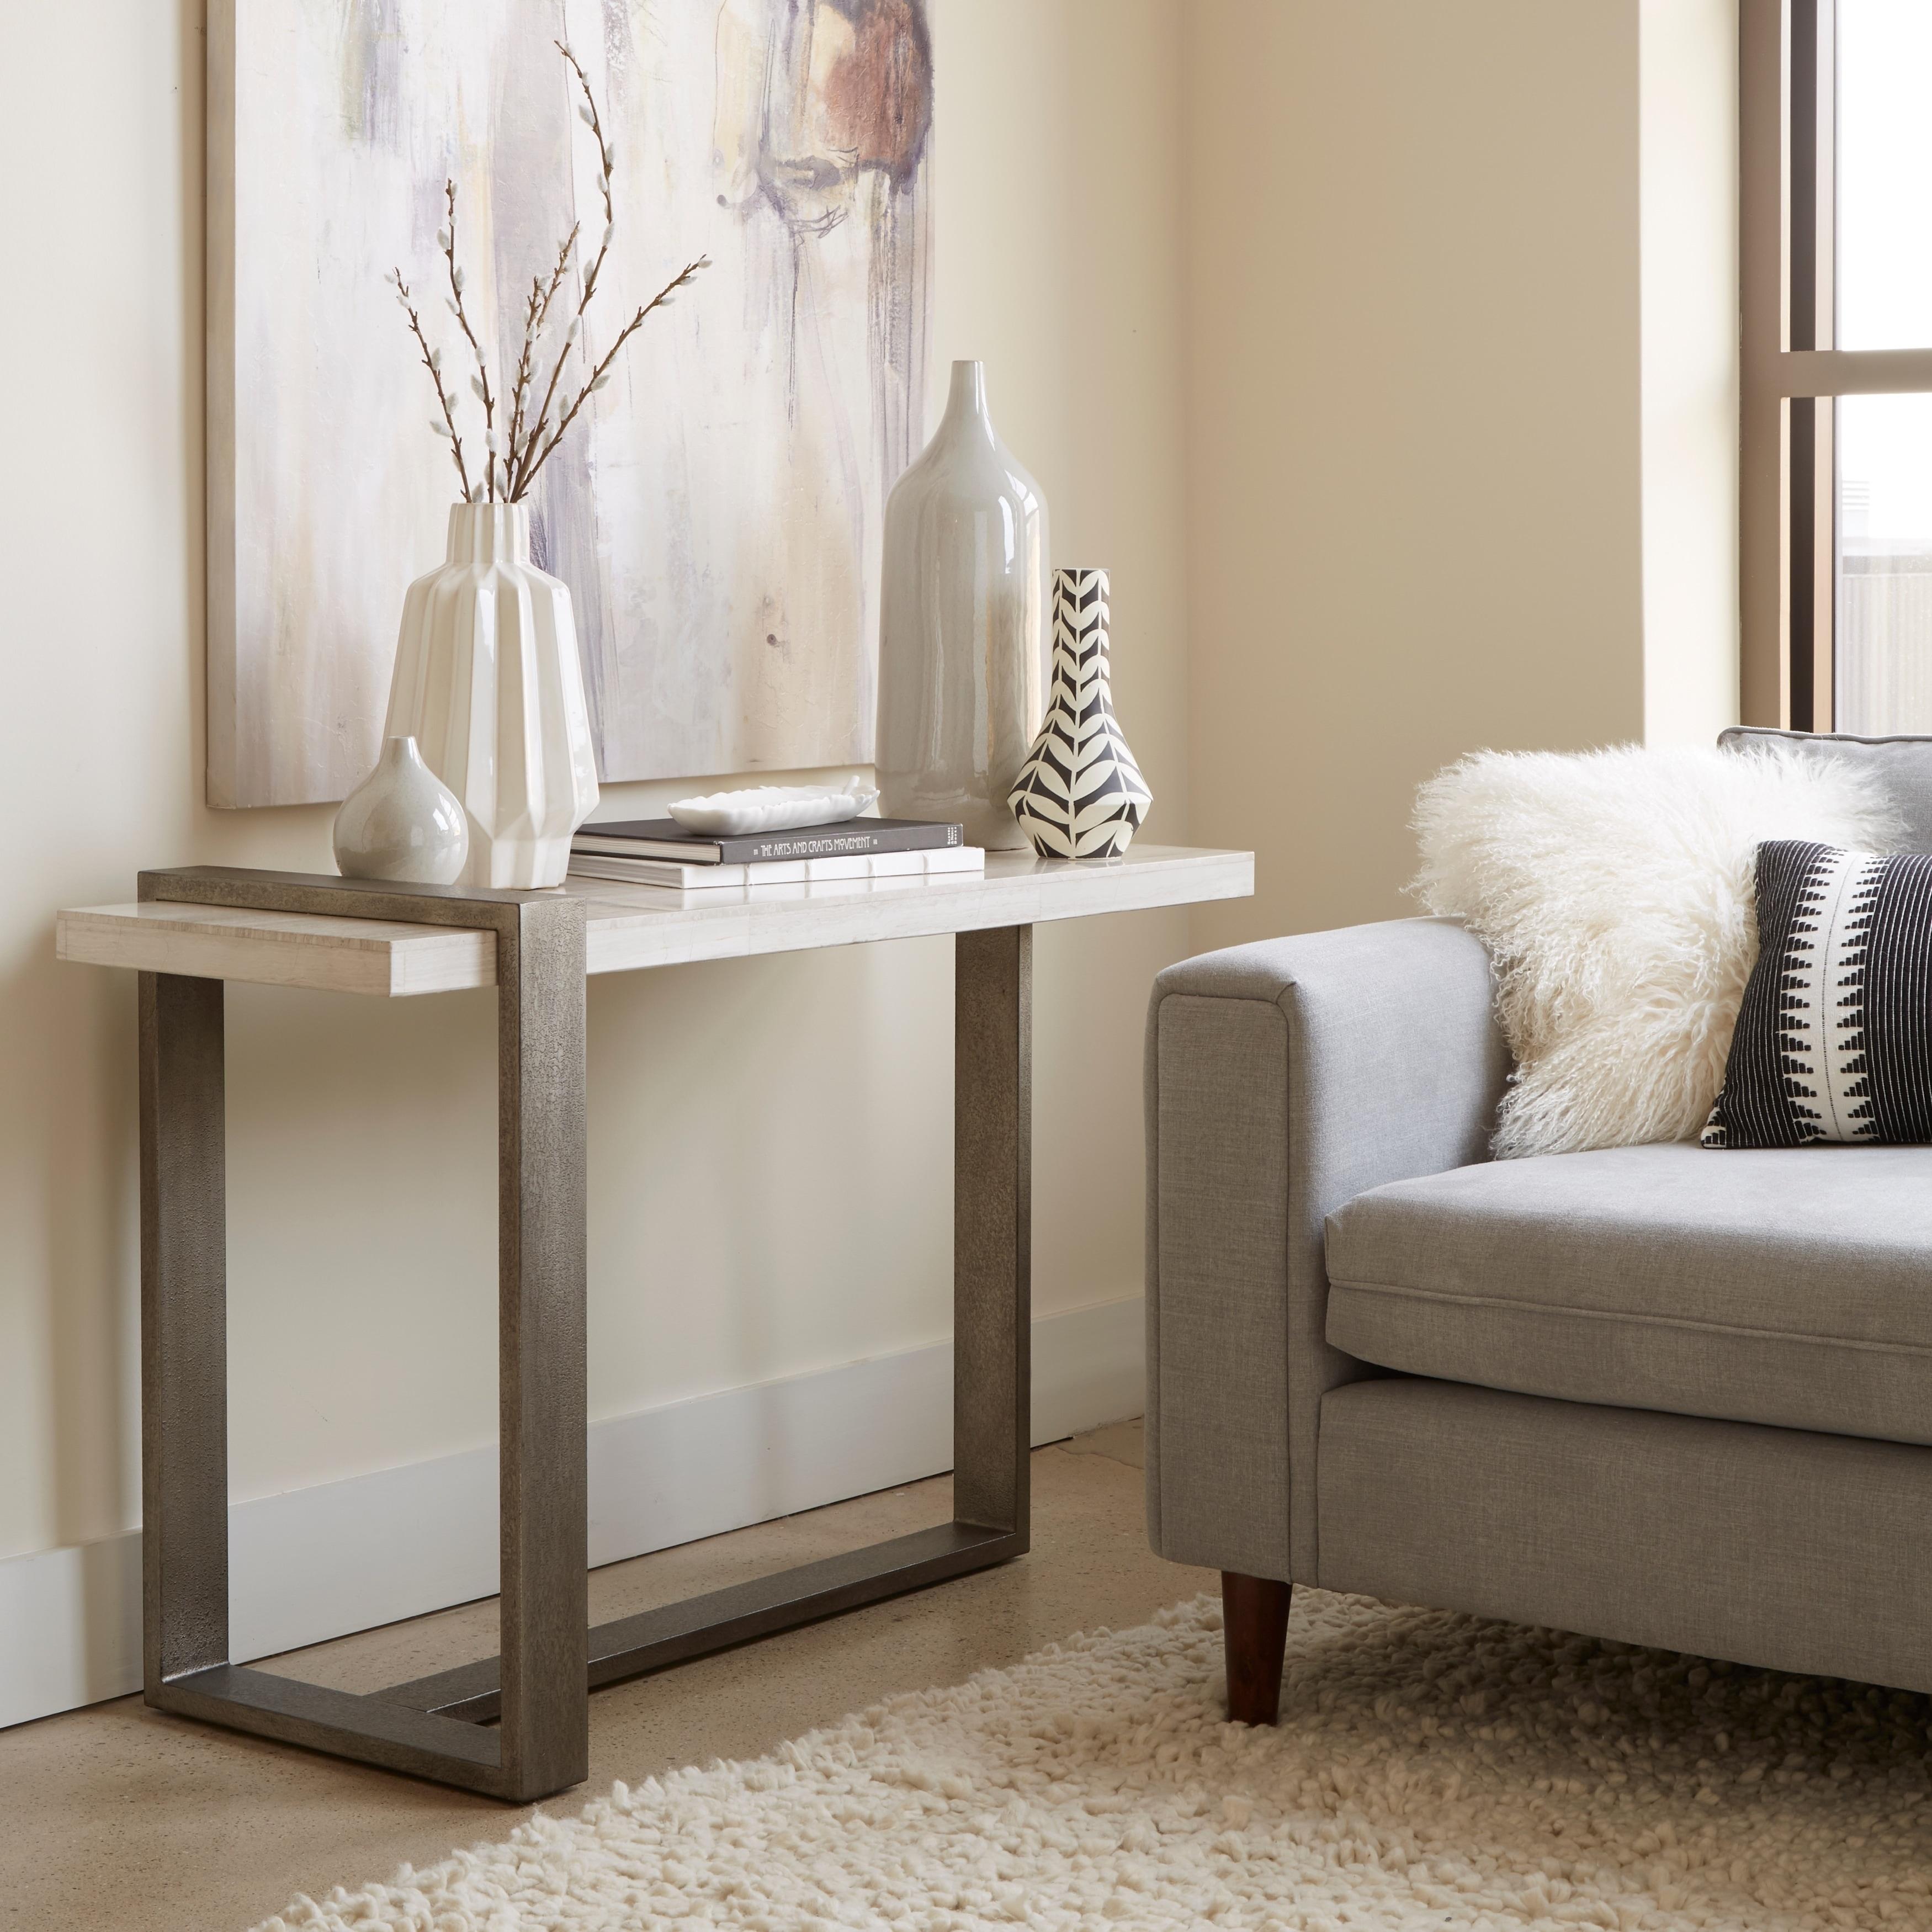 Wiltshire Modern Marble Veneer and Metal Sofa Table